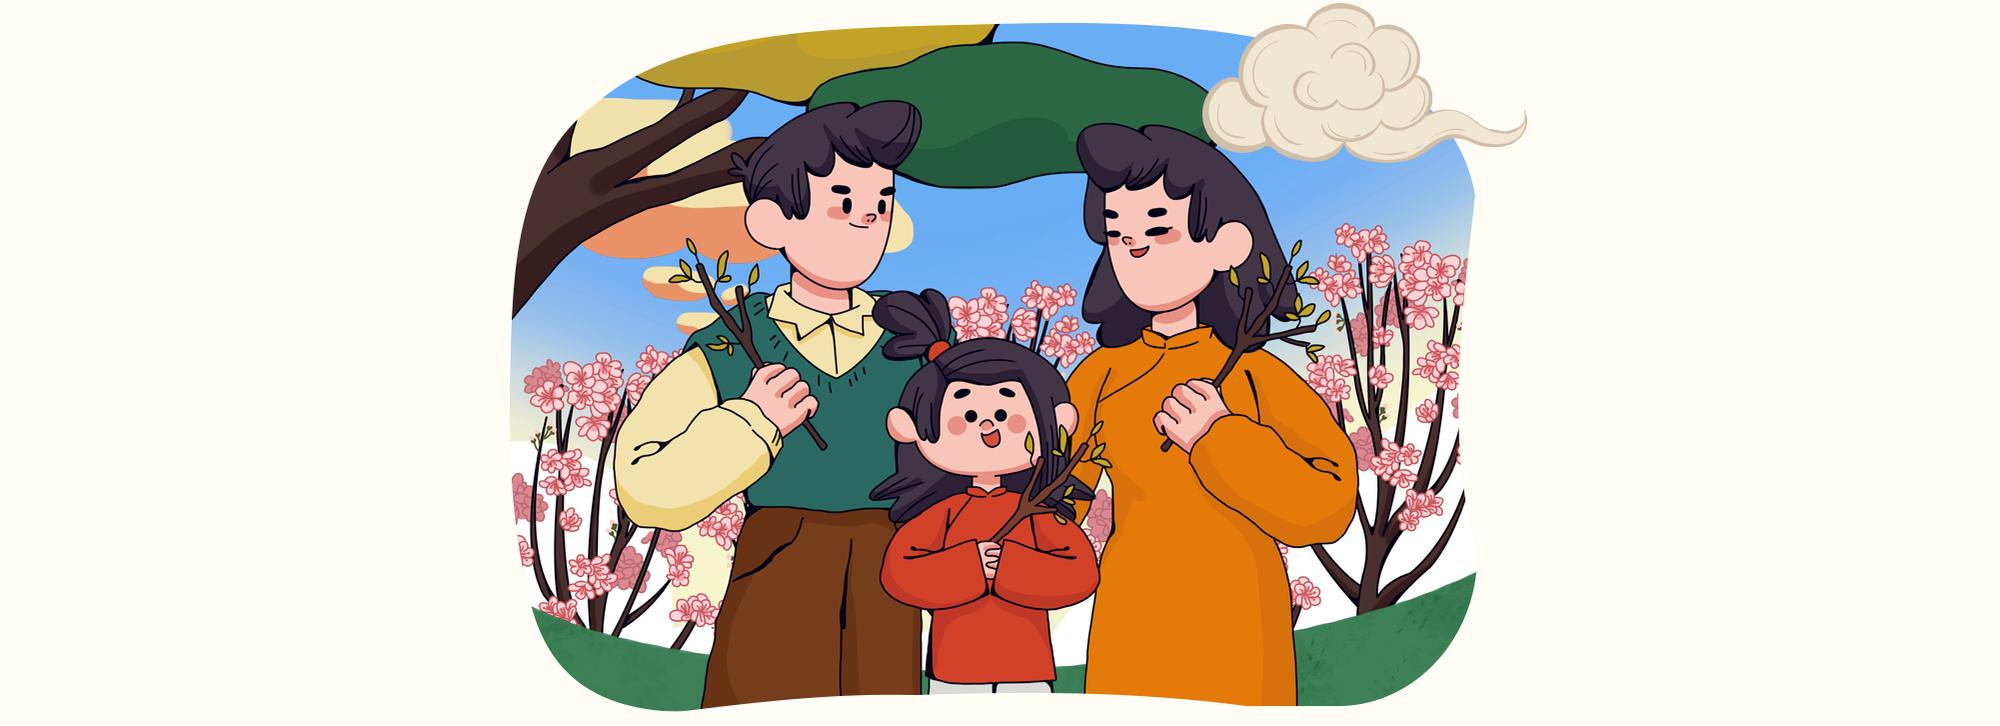 Phong tục lấy may đầu năm: Nét đẹp văn hóa ngàn đời hay câu chuyện người Việt Nam luôn tin tưởng vào một tương lai tươi sáng - Ảnh 5.